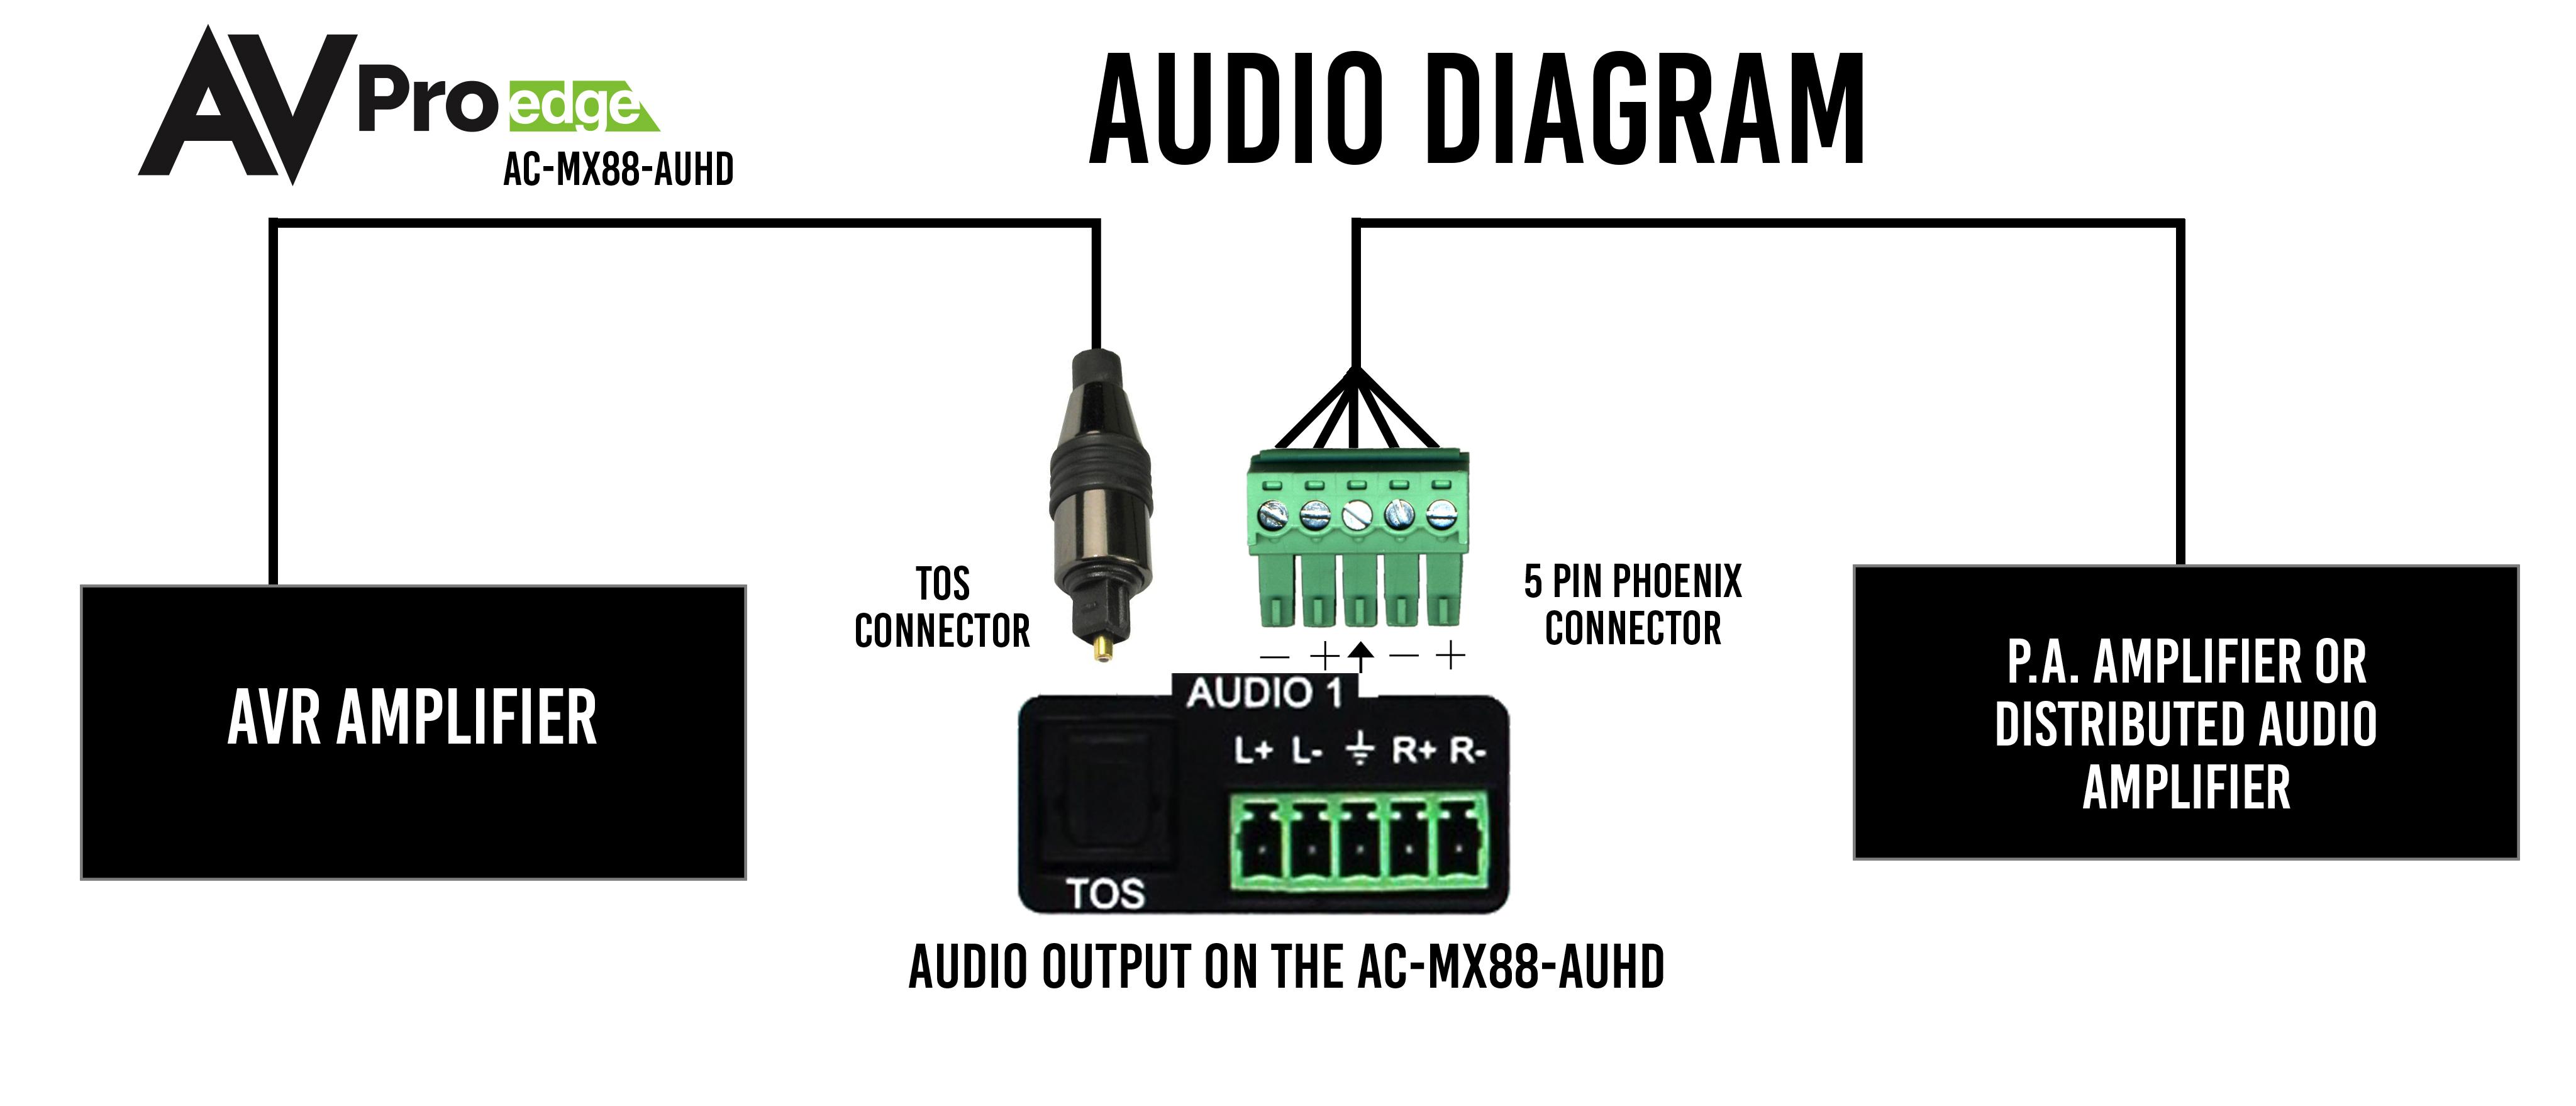 Ac Mx88 Auhd 18gbps True 4k60 4 4 4 8x8 Matrix W Digital